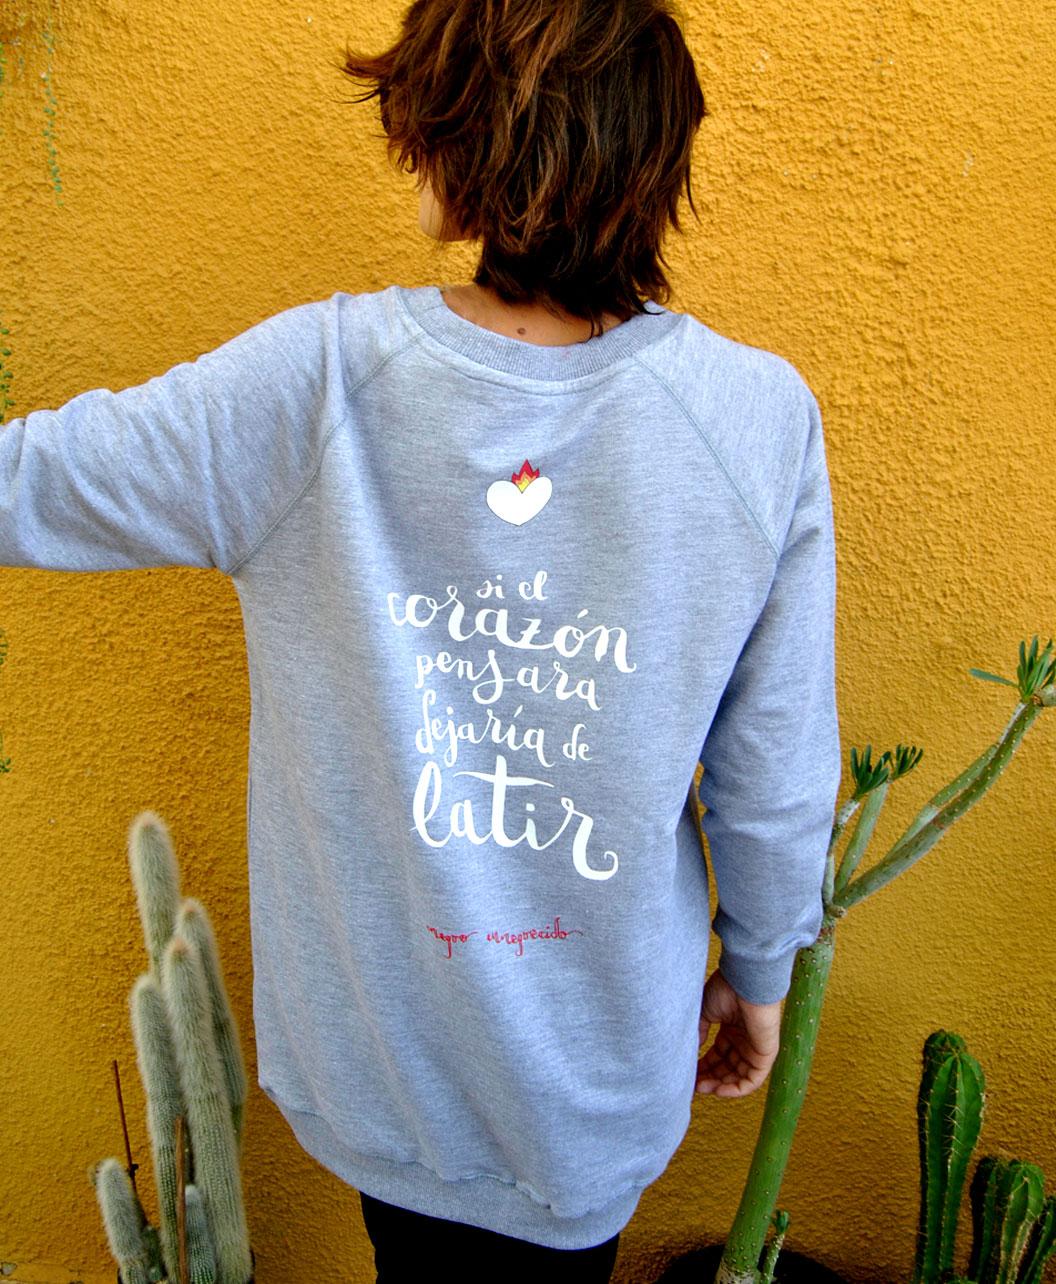 sudadera chica larga gris original diferente ideal regalo corazon latir